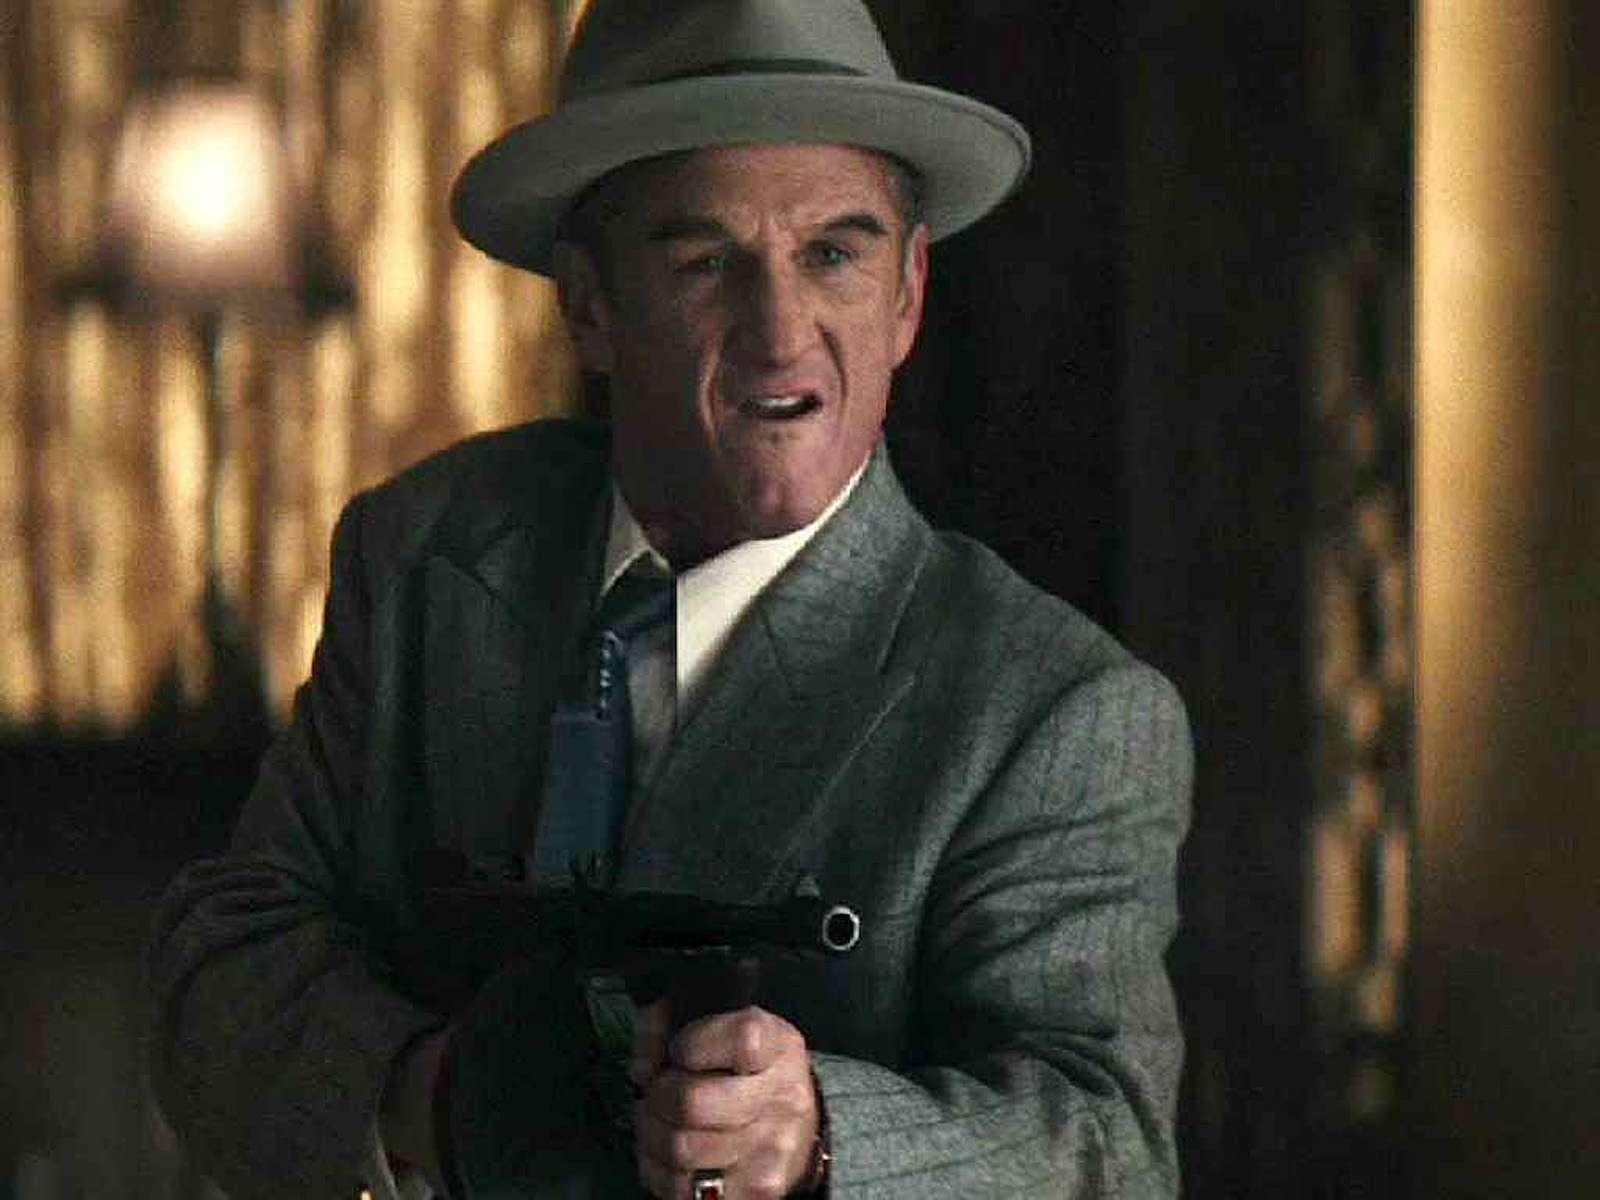 Parece que Sean Penn saiu de Dick Tracy de tão deformado